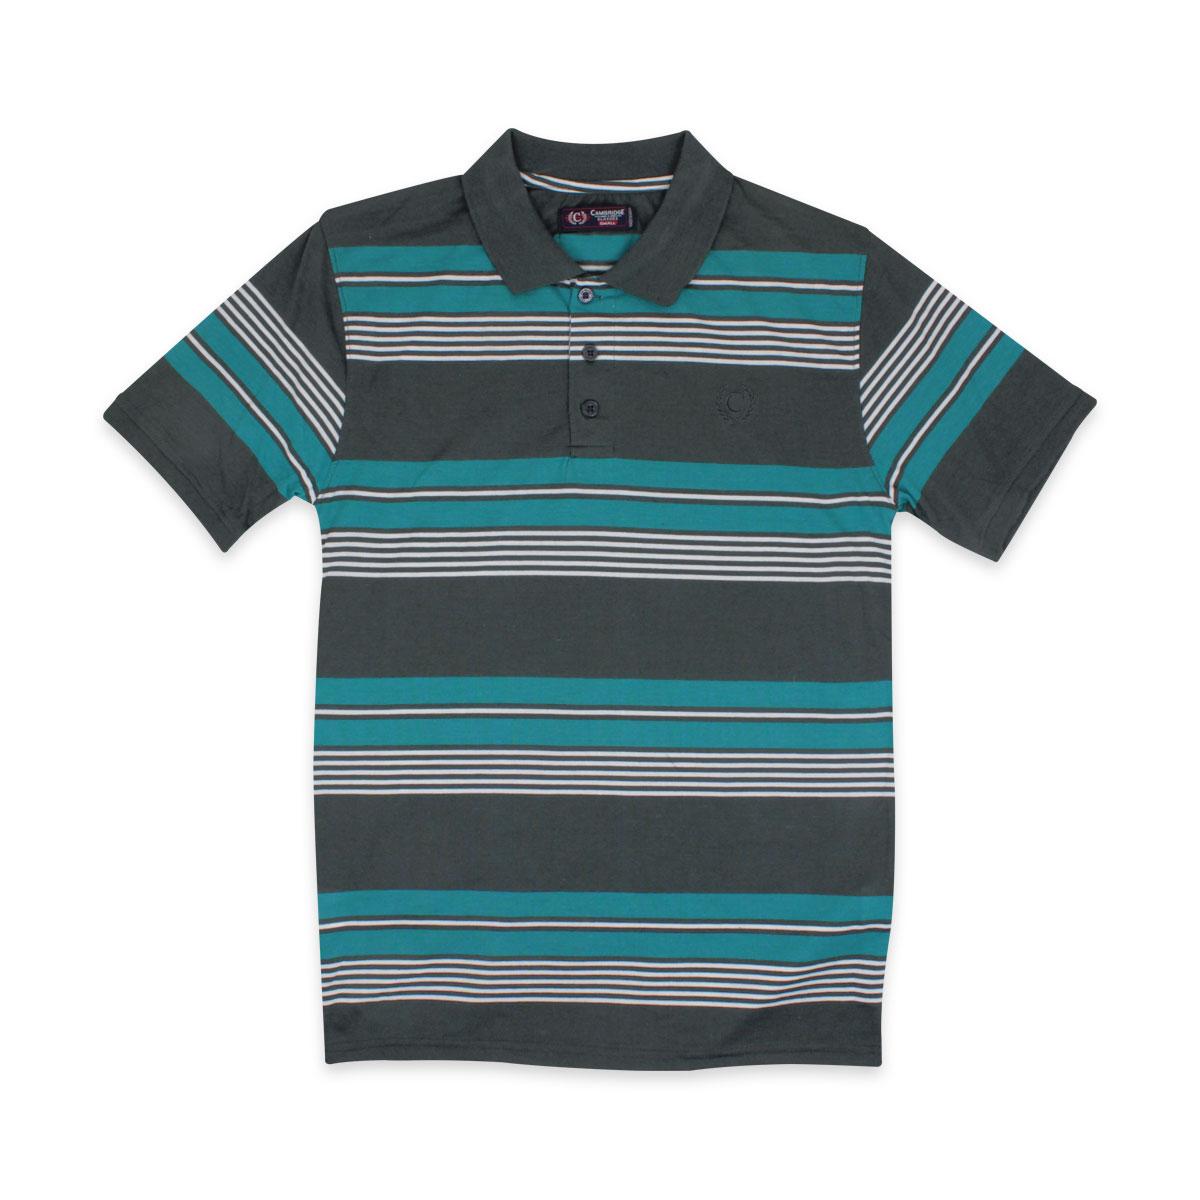 Camisas-Polo-Para-Hombre-A-Rayas-Pique-Con-Cuello-camiseta-Camiseta-Manga-Corta-De-Verano-S-M-L-XL miniatura 51